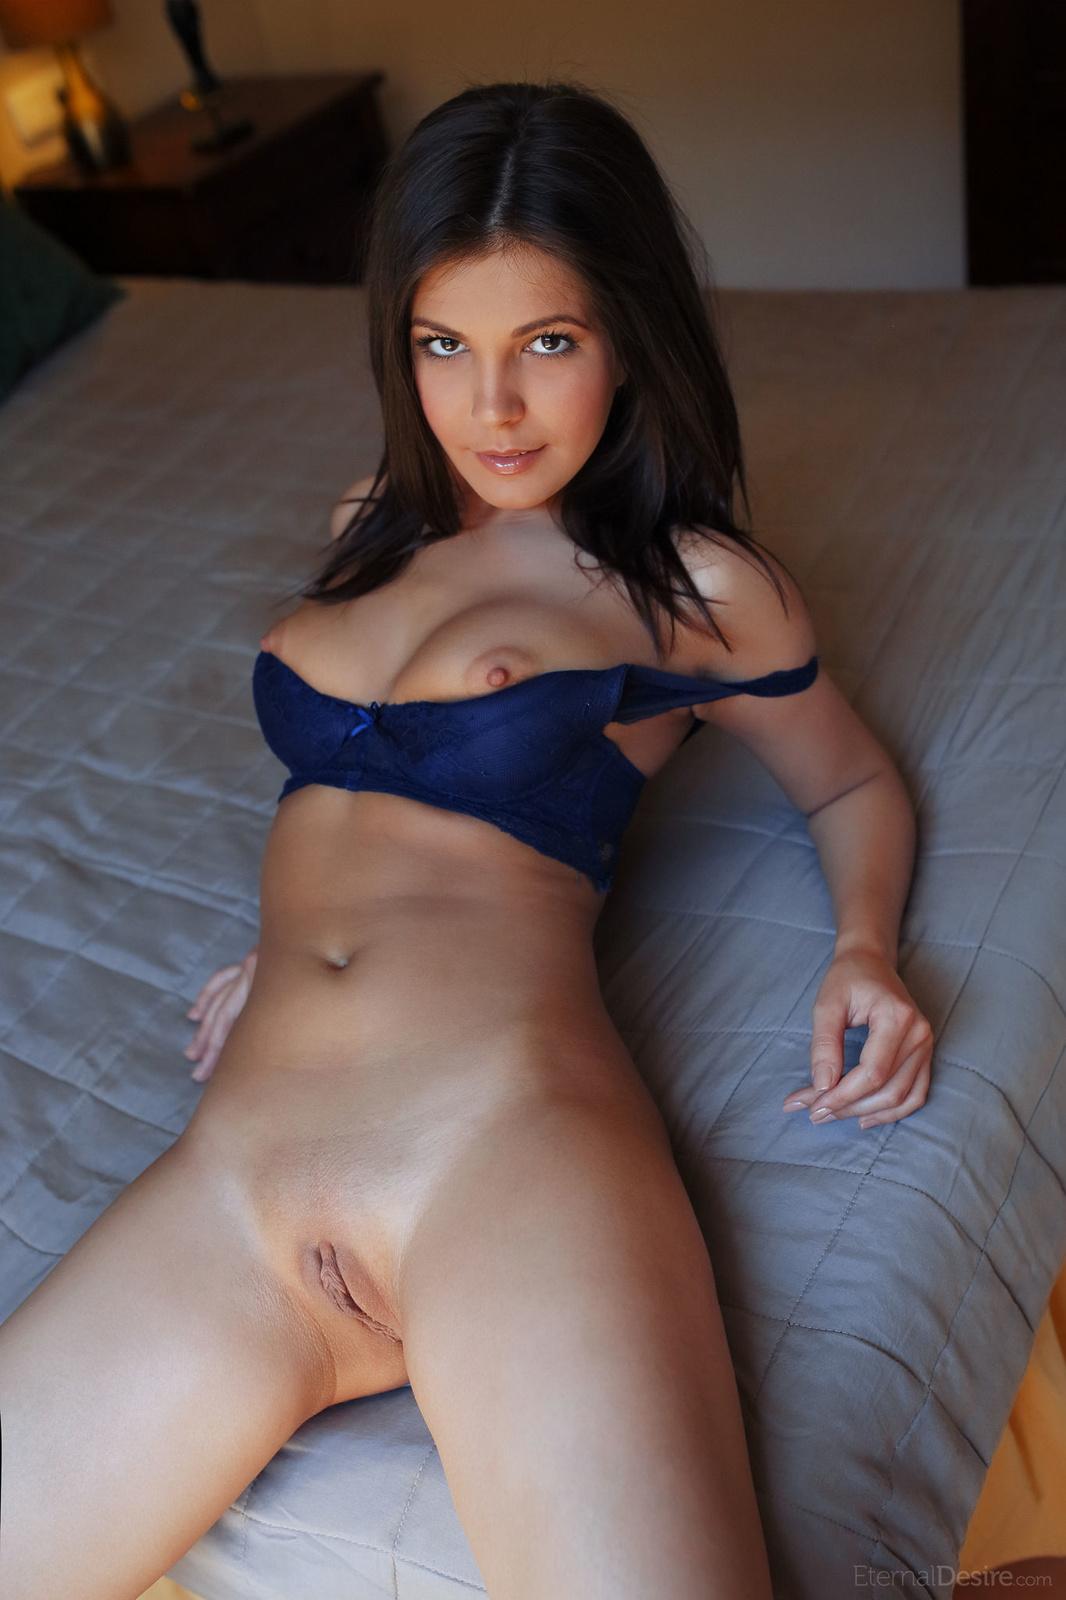 Zdjęcie porno - 1114 - Seksowna sztuka